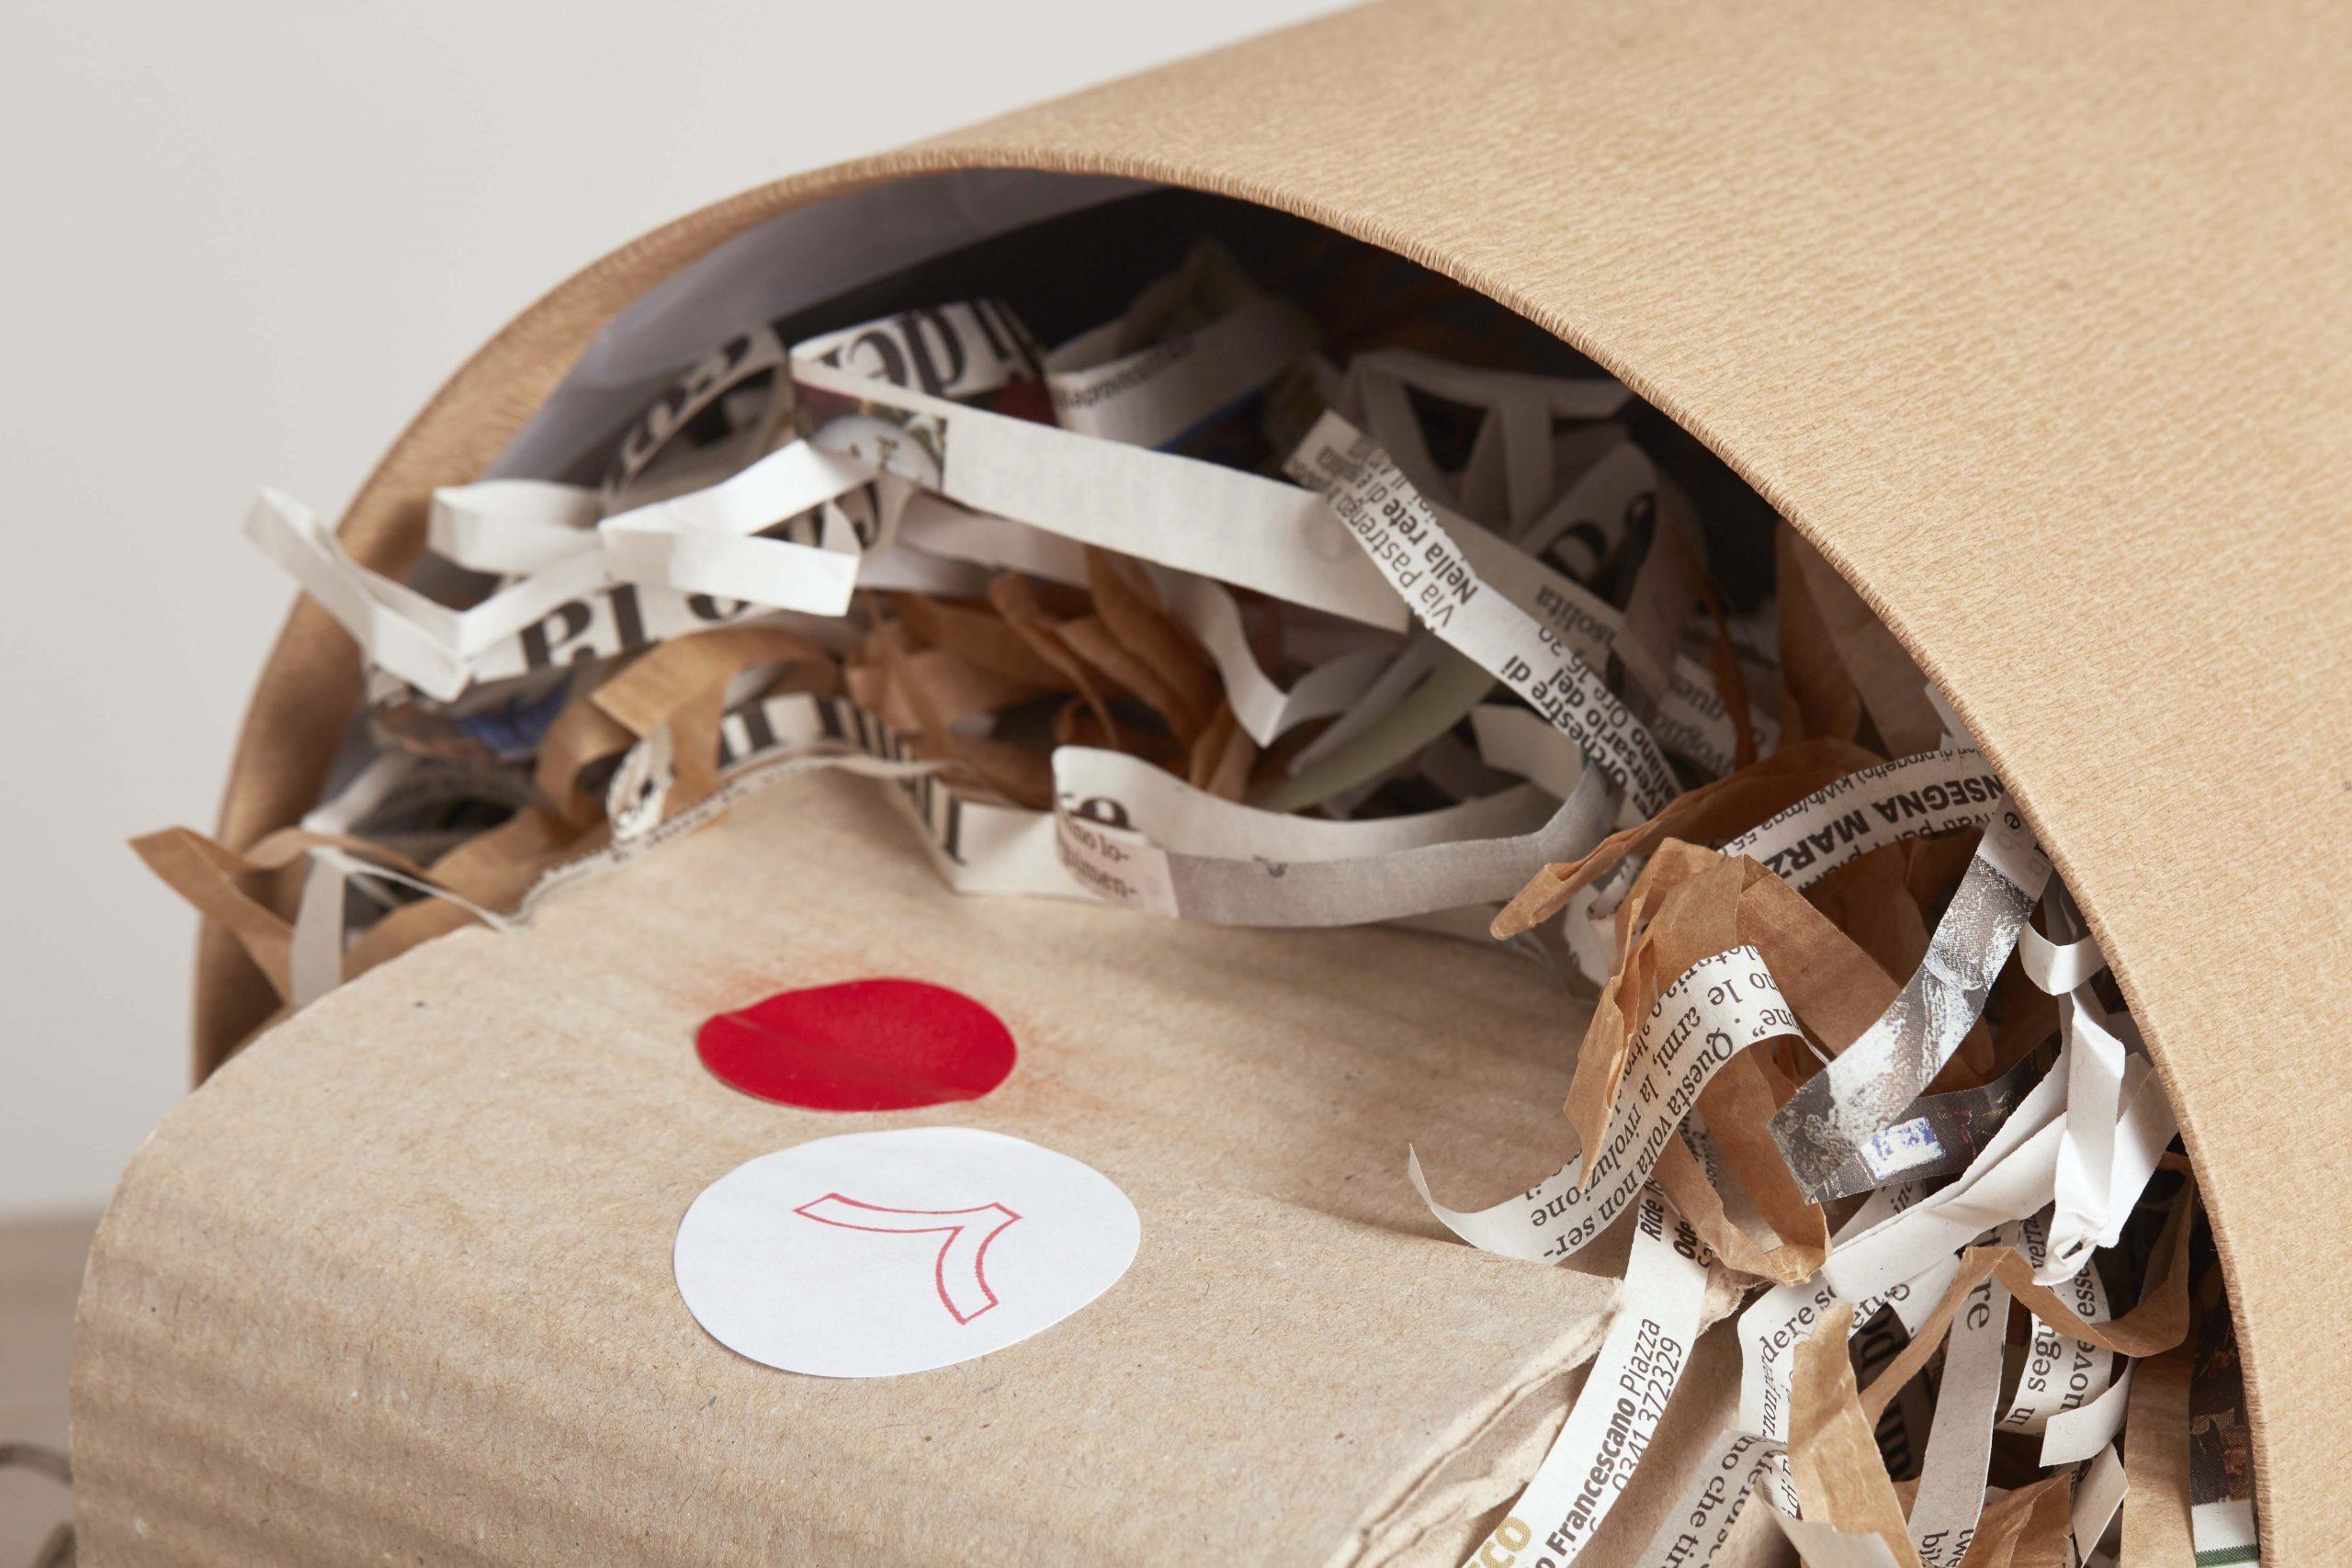 un pacco che esce da una scatola - artigianale - Federica Ramacciotti